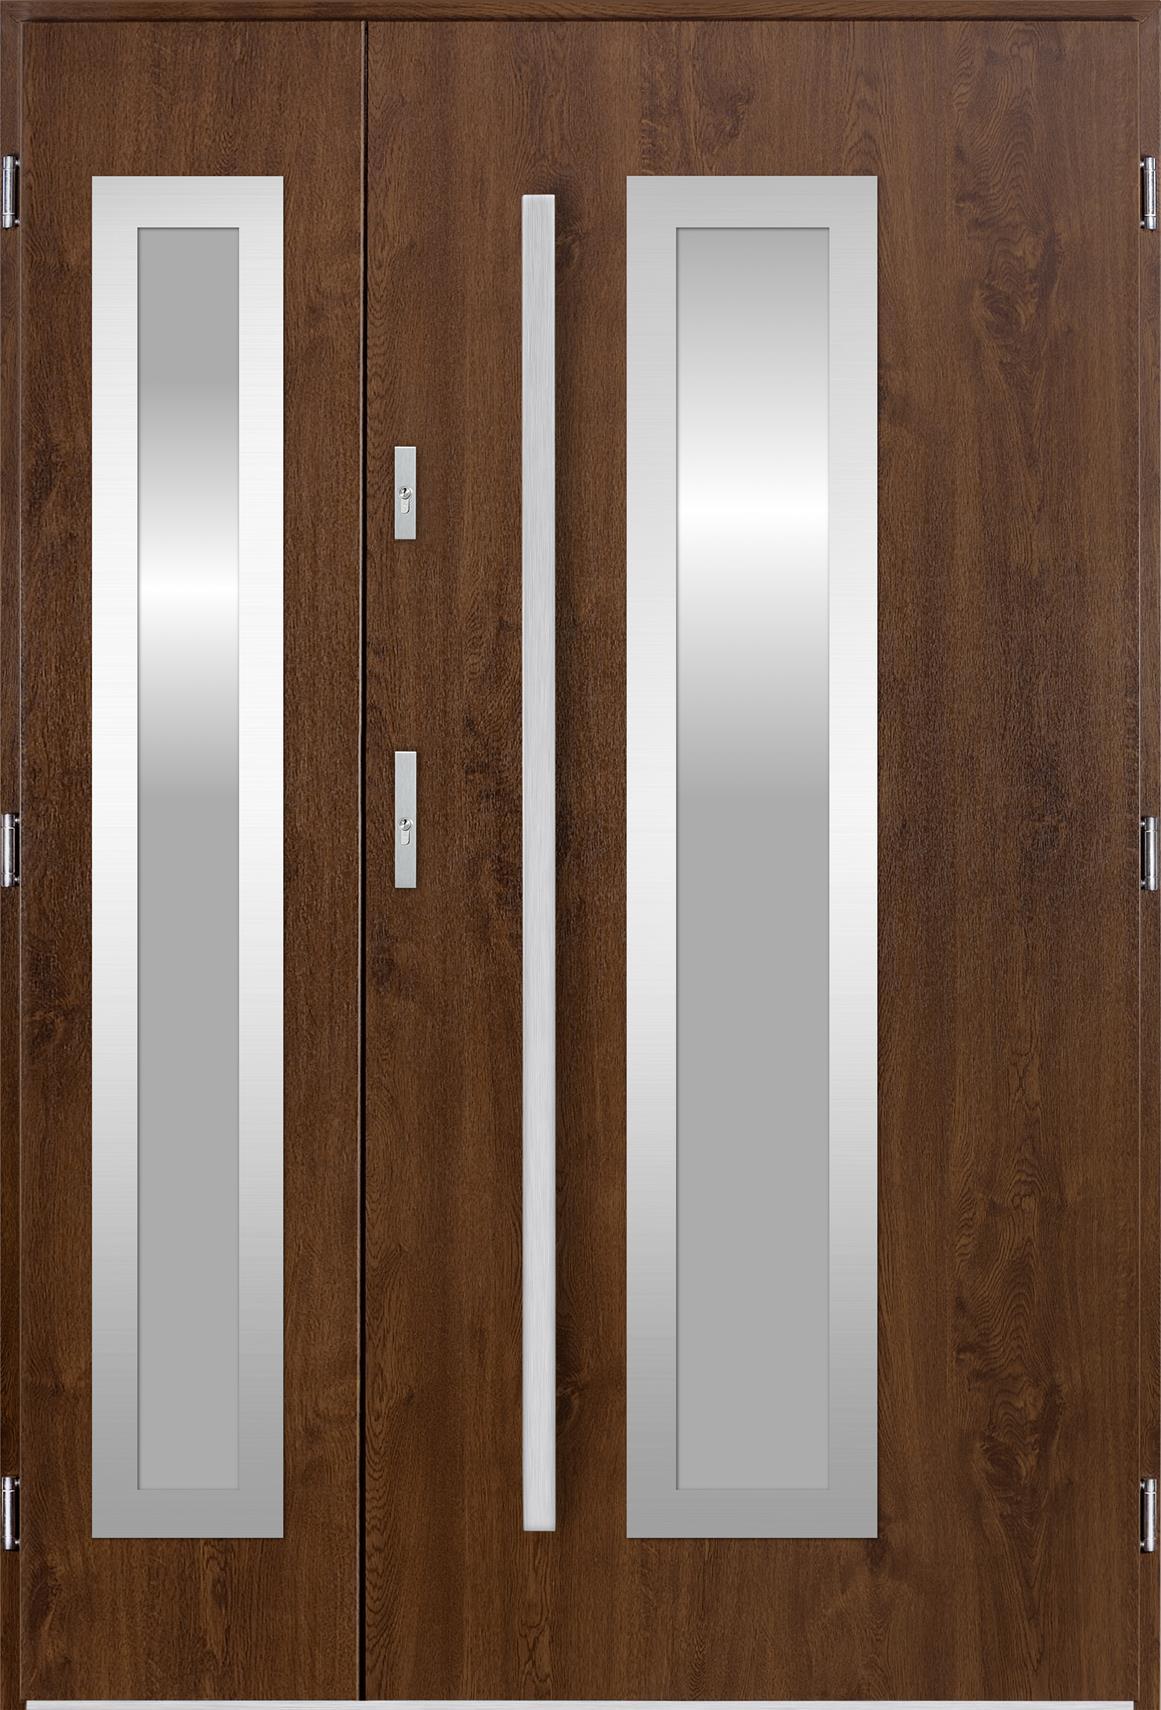 Venkovní dvoukøídlé vchodové dveøe Hevelio v odstínu oøech